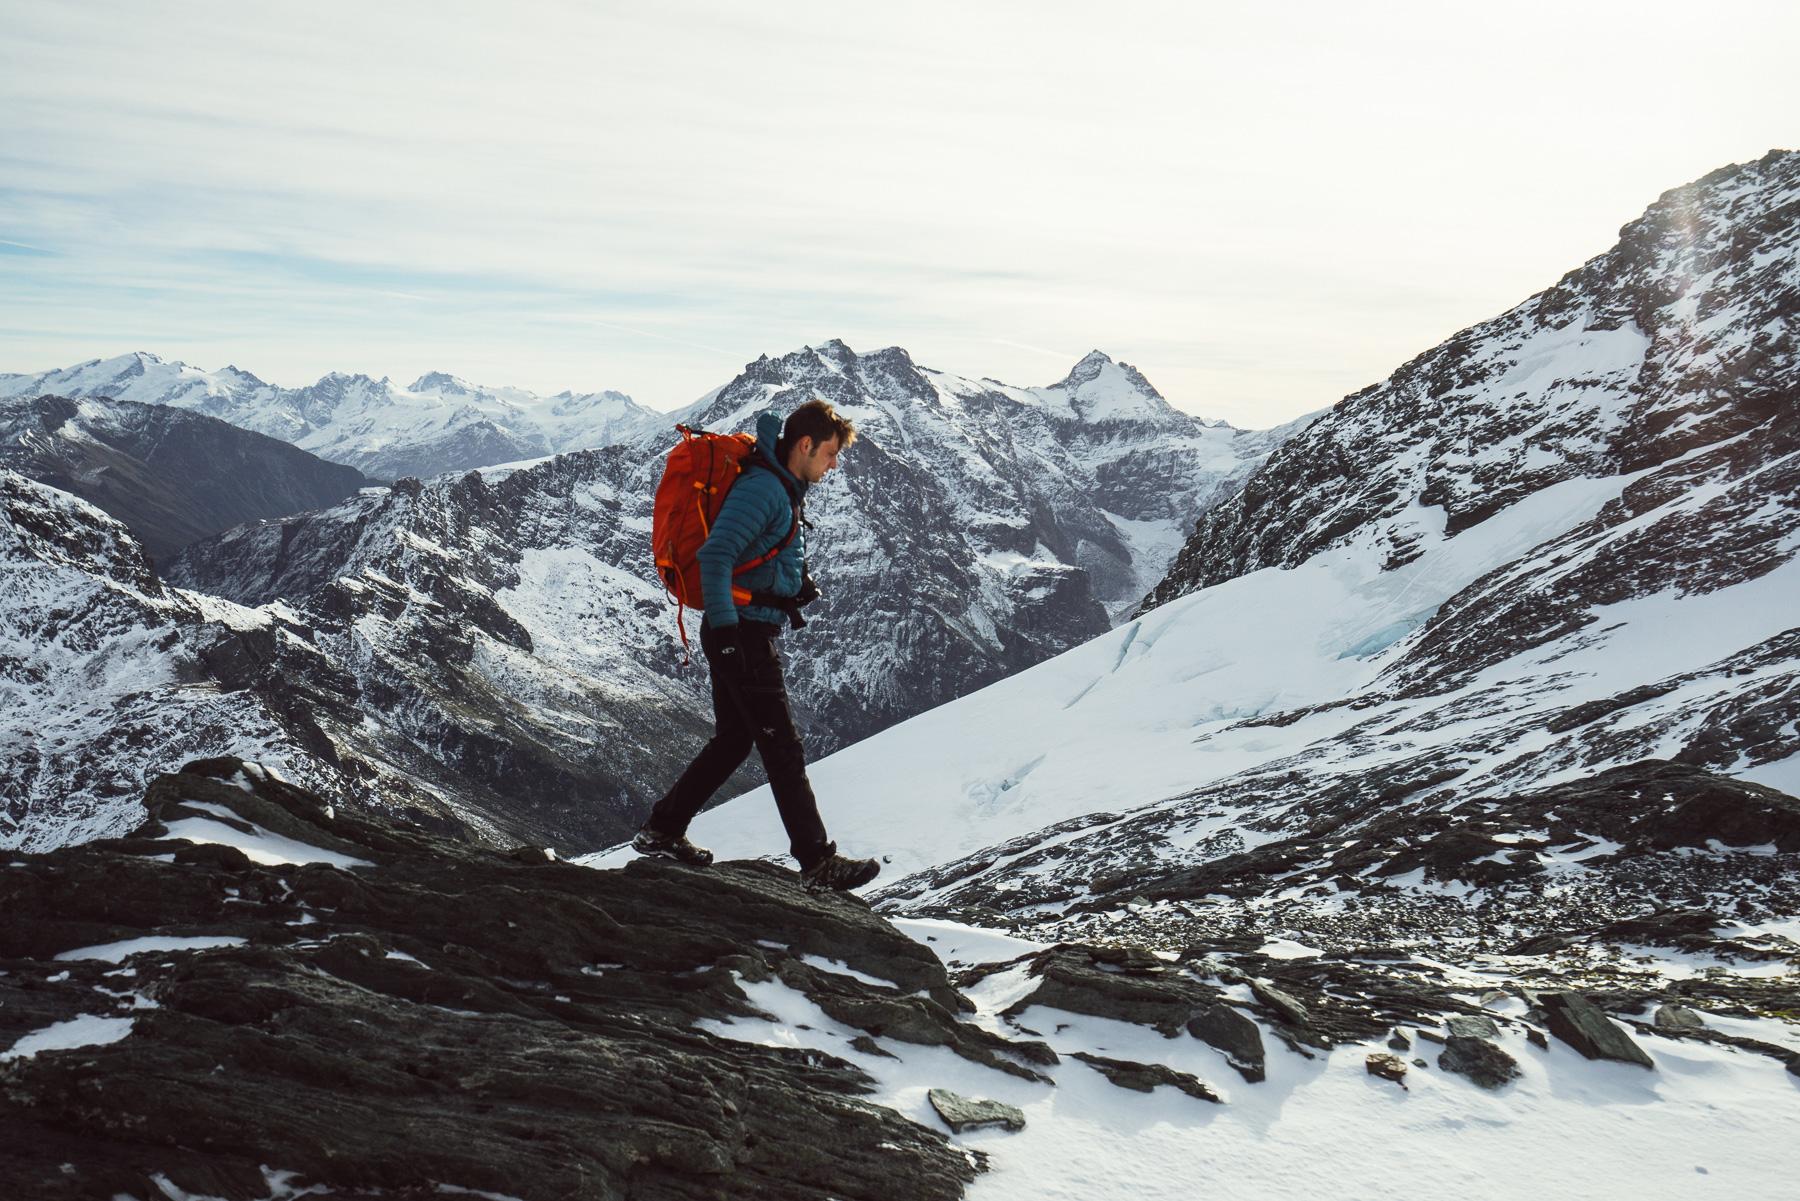 El-fotógrafo-Johan-Lolos-exploró-Nueva-Zelanda-durante-1-año-22